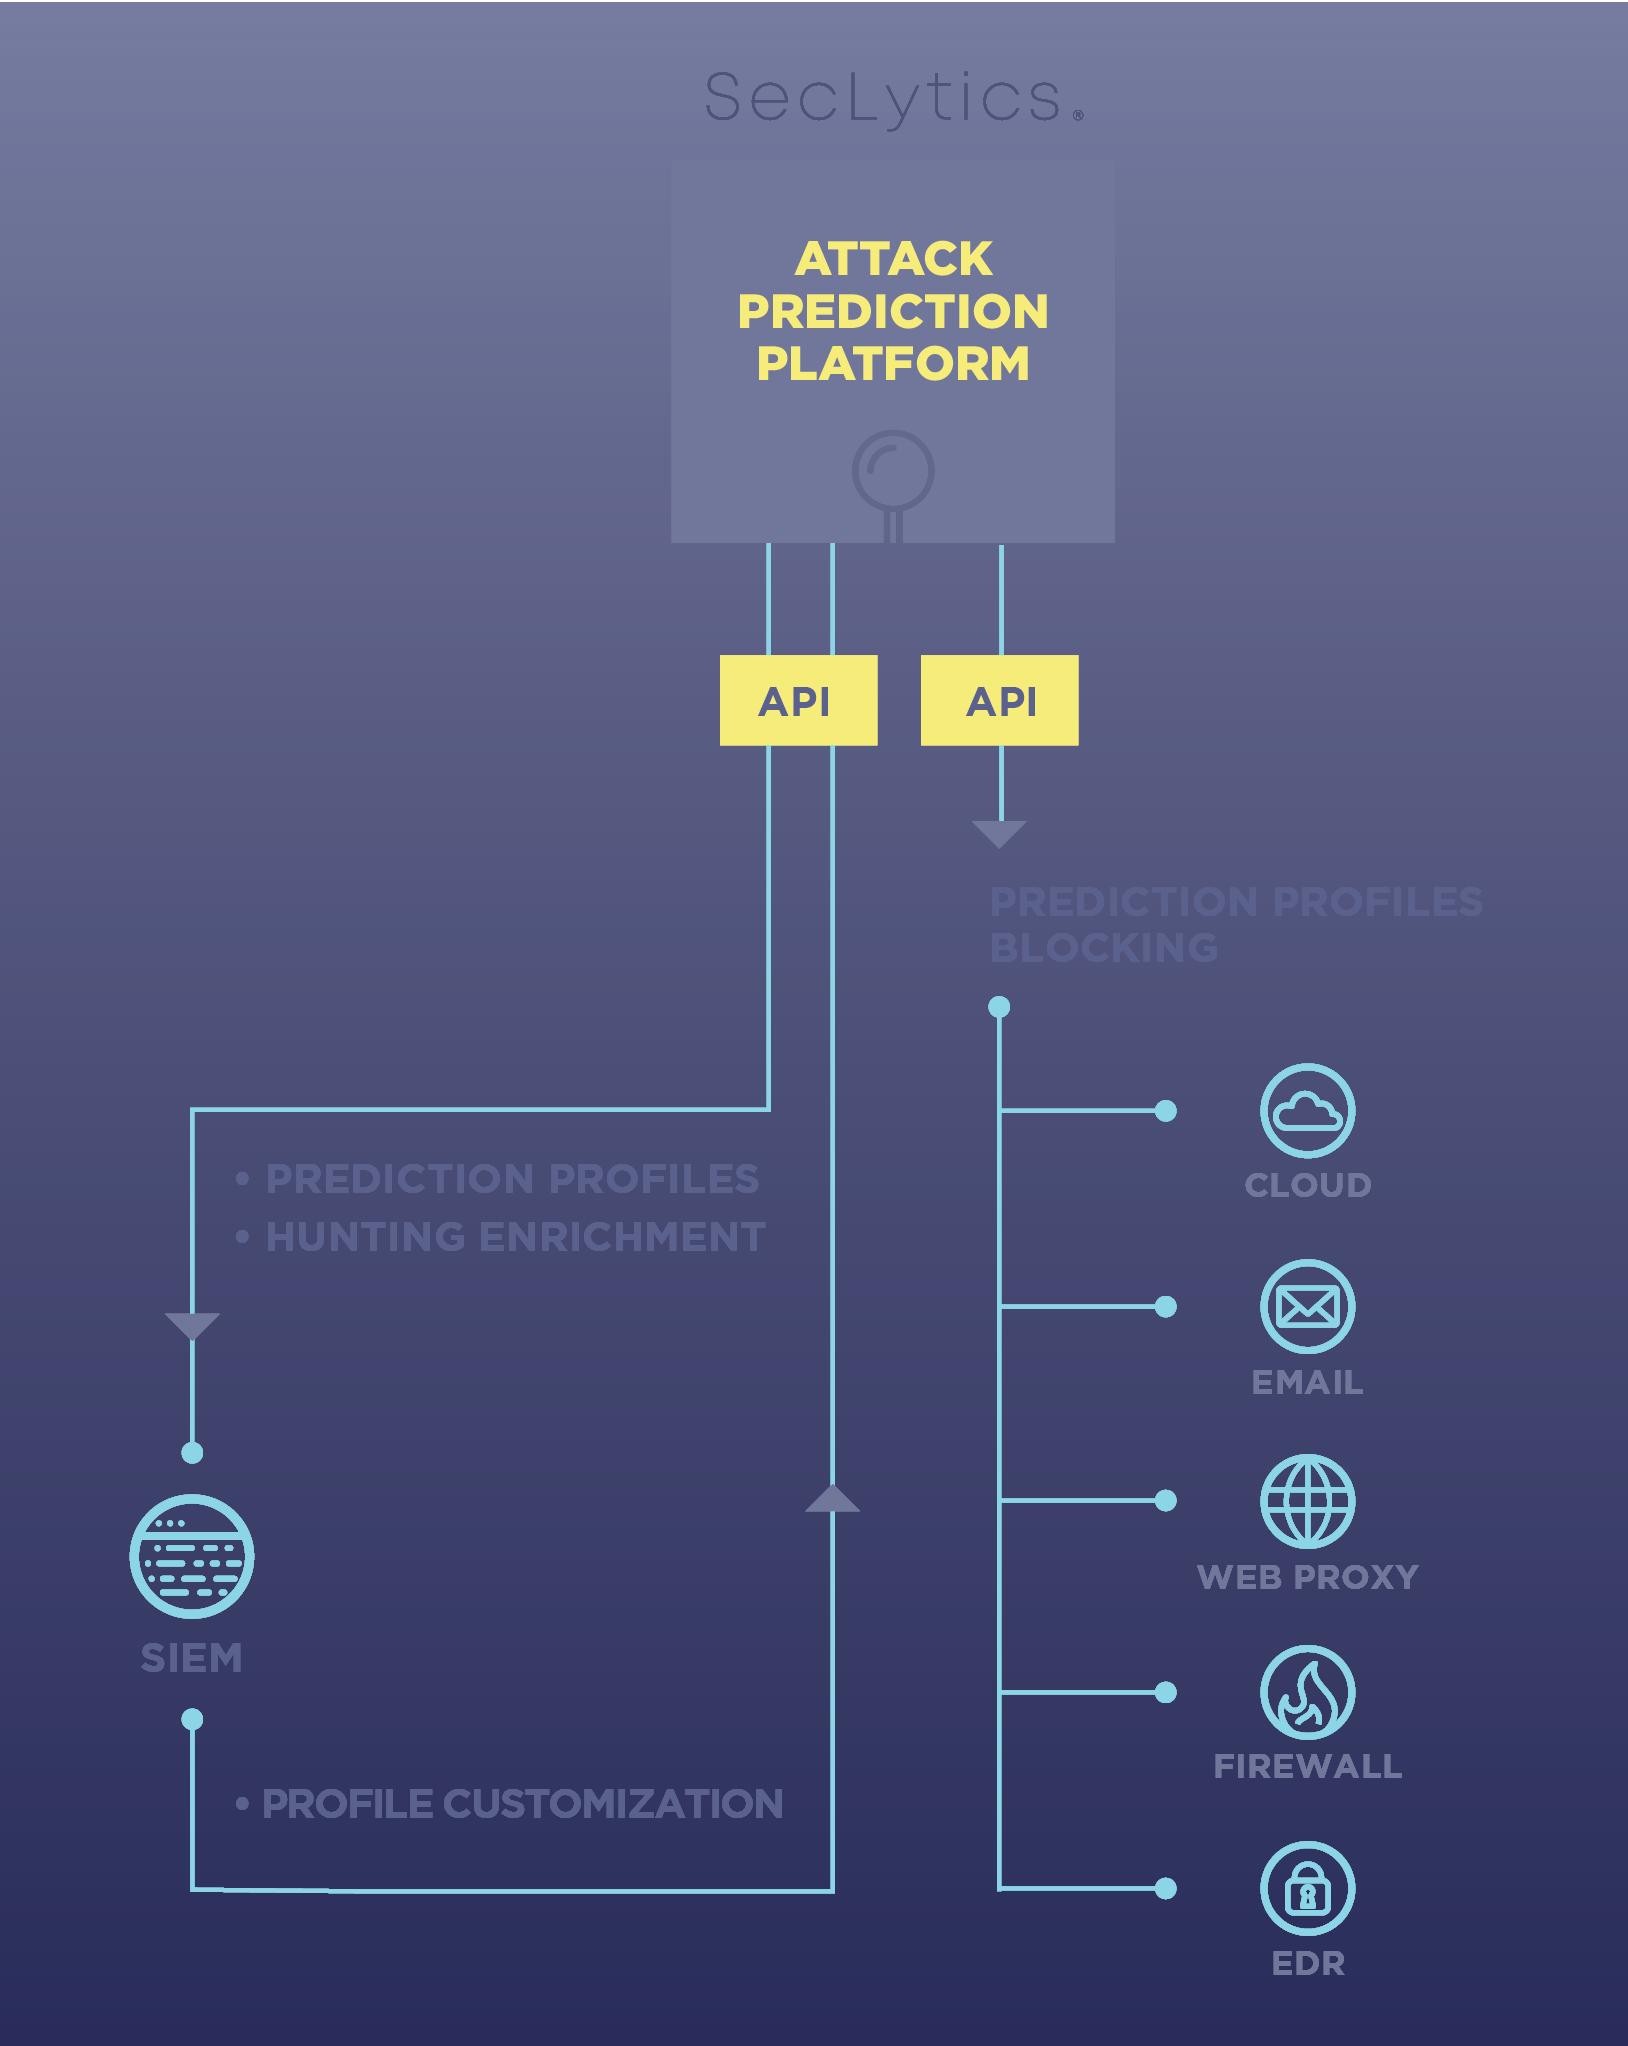 How Augur Automates Blocking